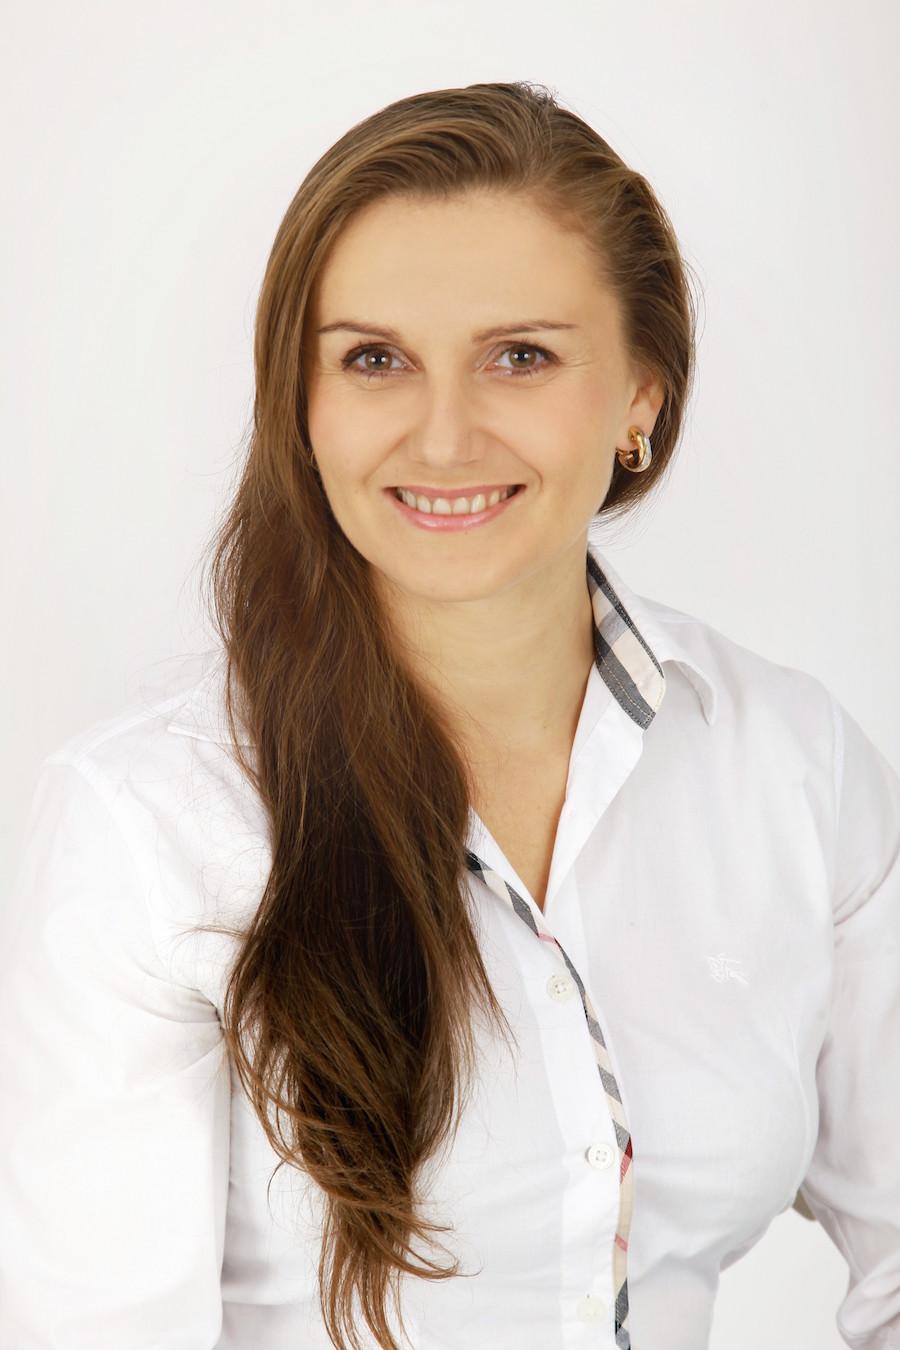 Heda Chatrnuch